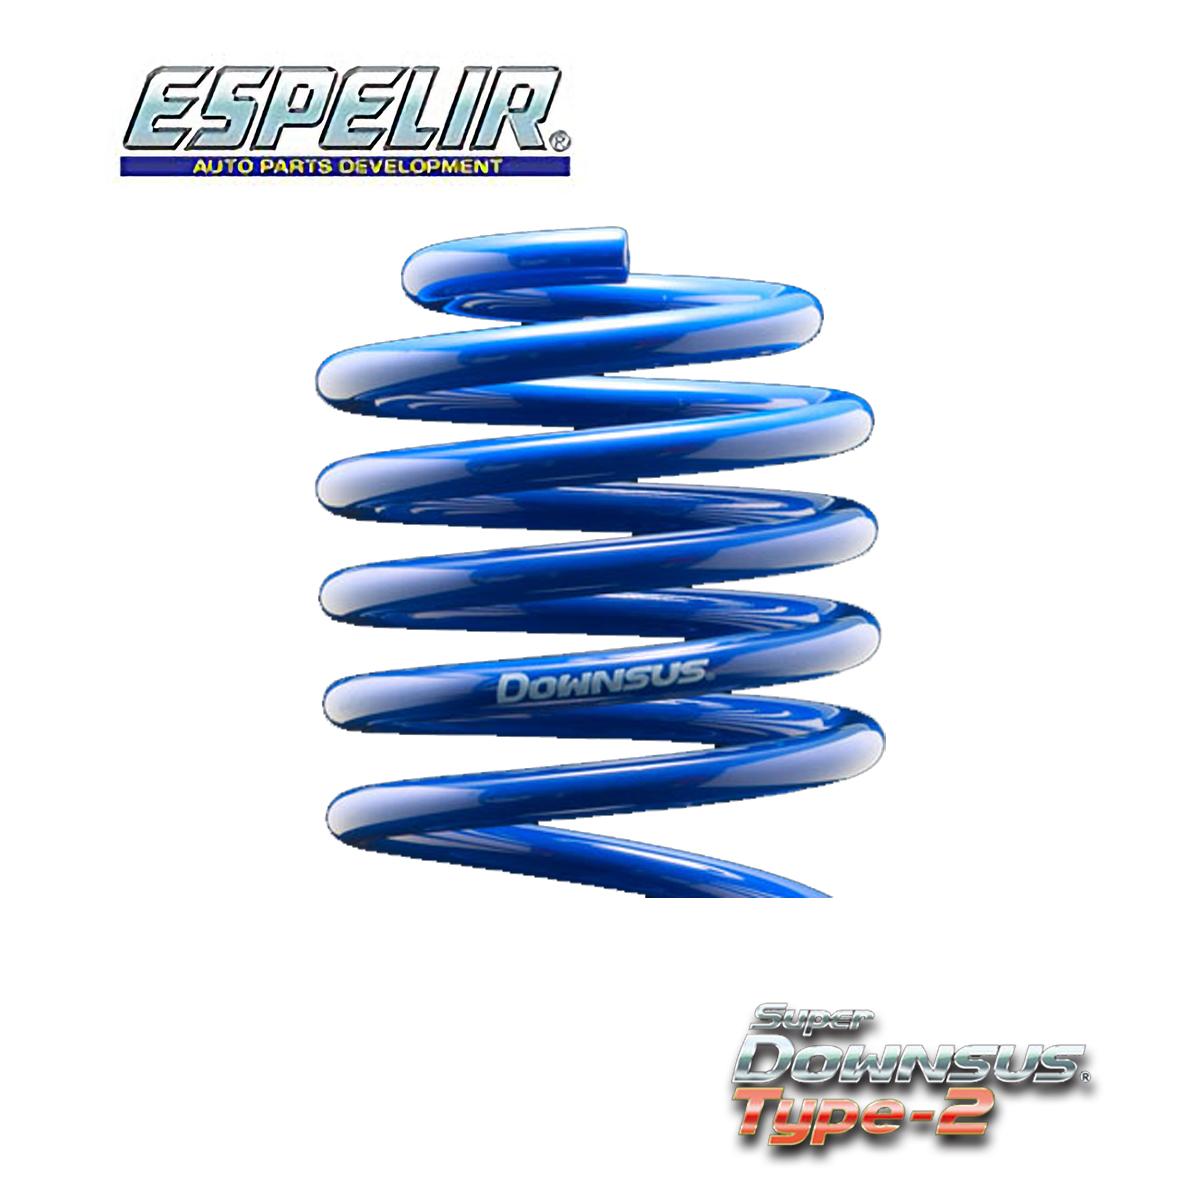 エスペリア レクサス AYZ15 NX 300h バージョンL スプリング ダウンサス 1台分 ESX-3342 スーパーダウンサス タイプ2 Super DOWNSUS Type-2 ESPELIR